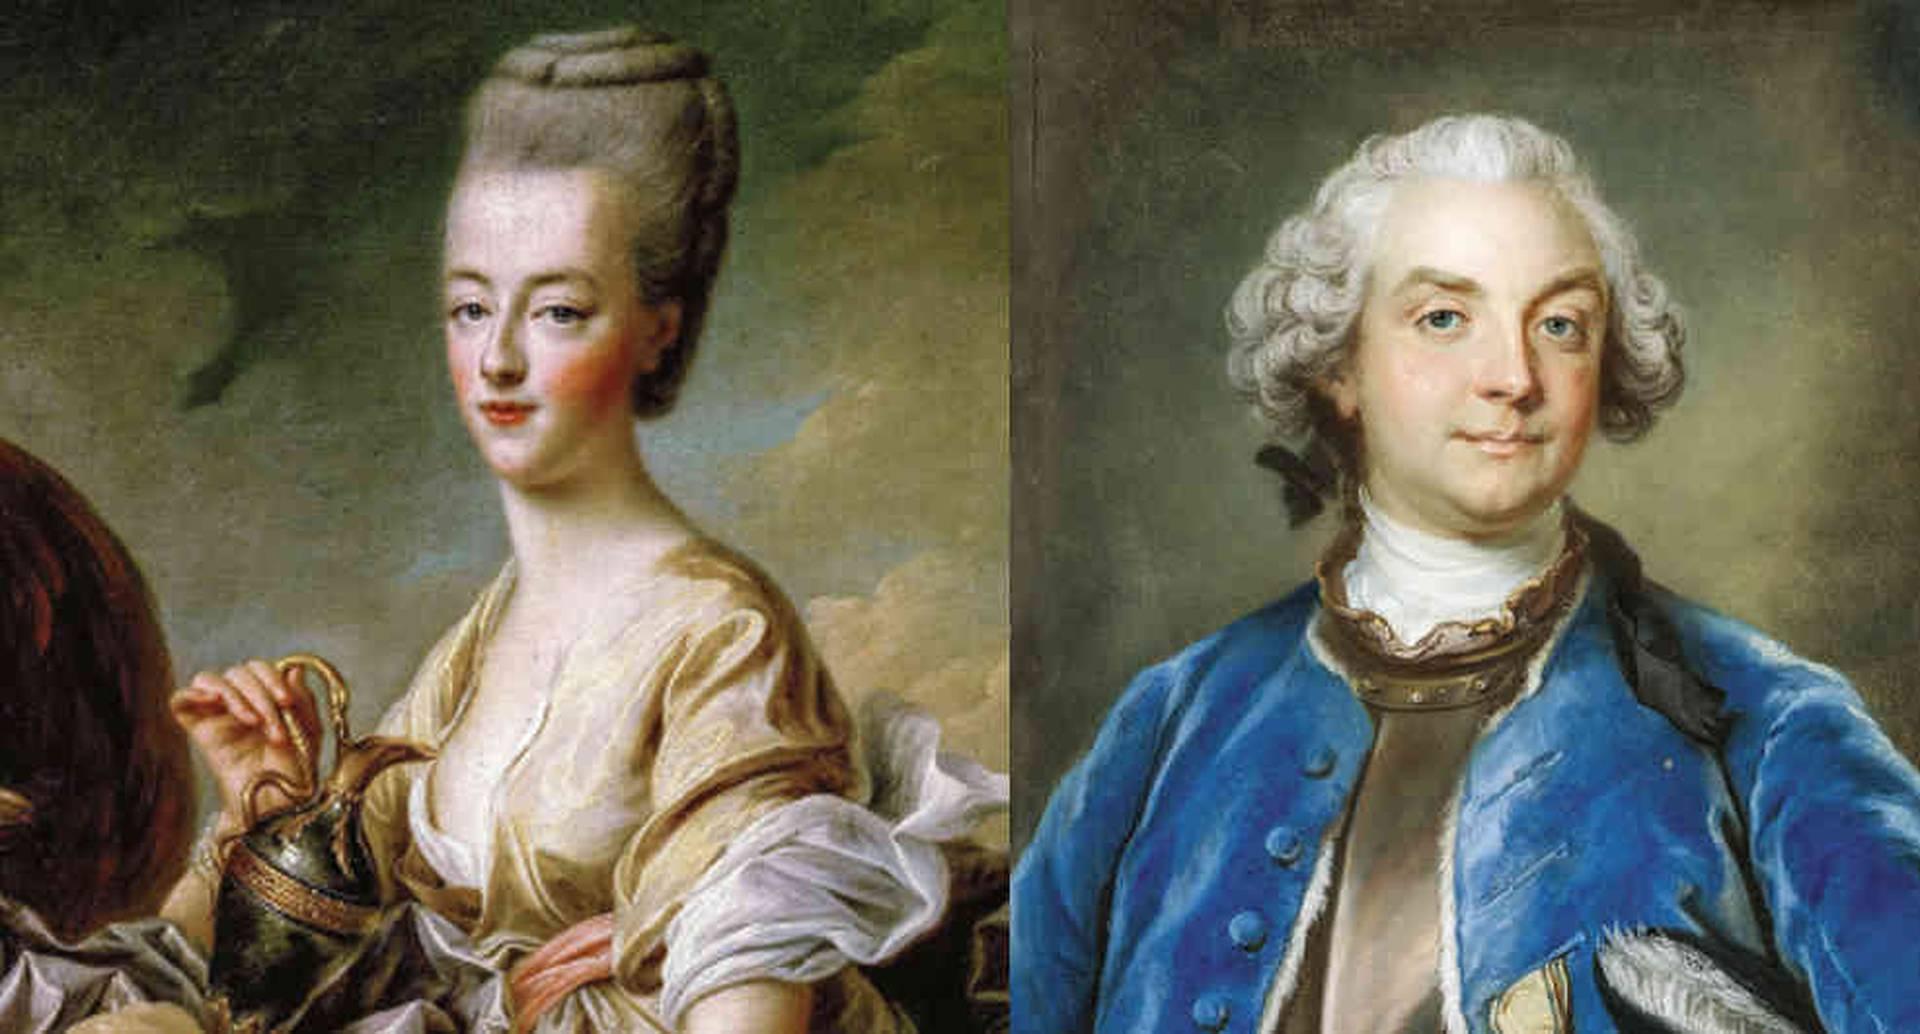 El conde Axel de Fersen le hizo llegar las cartas a María Antonieta cuando ella estaba encarcelada en el palacio de las Tullerías, en París. Usaban tinta invisible y un código.